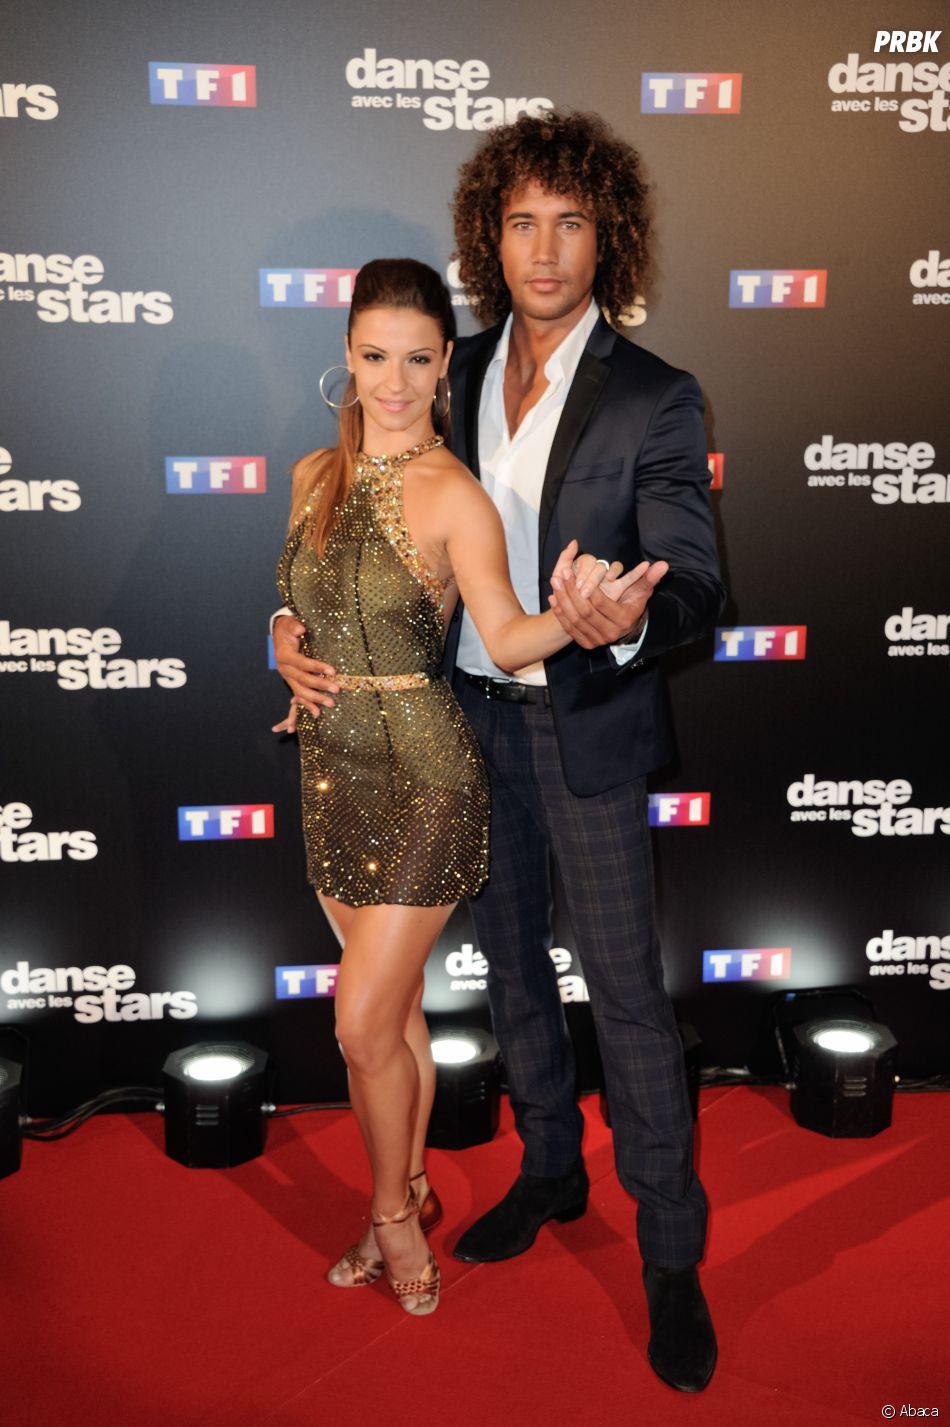 Laurent Maistret dansera avec Denitsa Ikonomova dans Danse avec les stars 7.